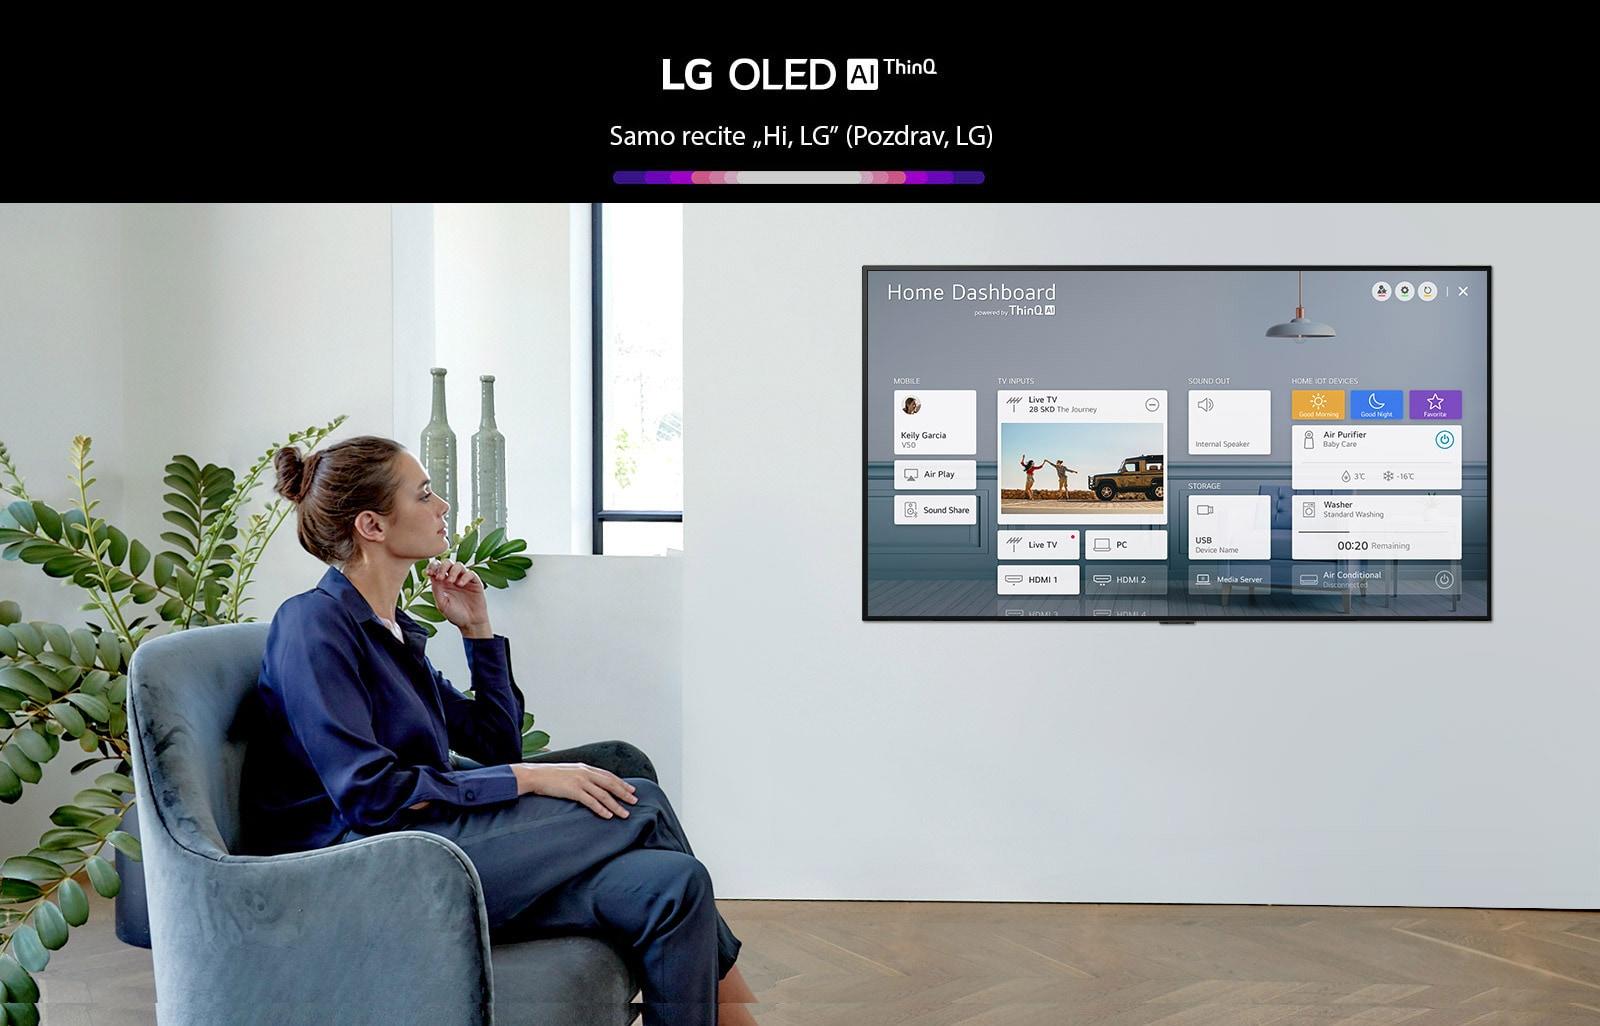 Ženska sedi na naslanjaču v dnevni sobi, na TV zaslonu pa je prikazana hišna plošča.